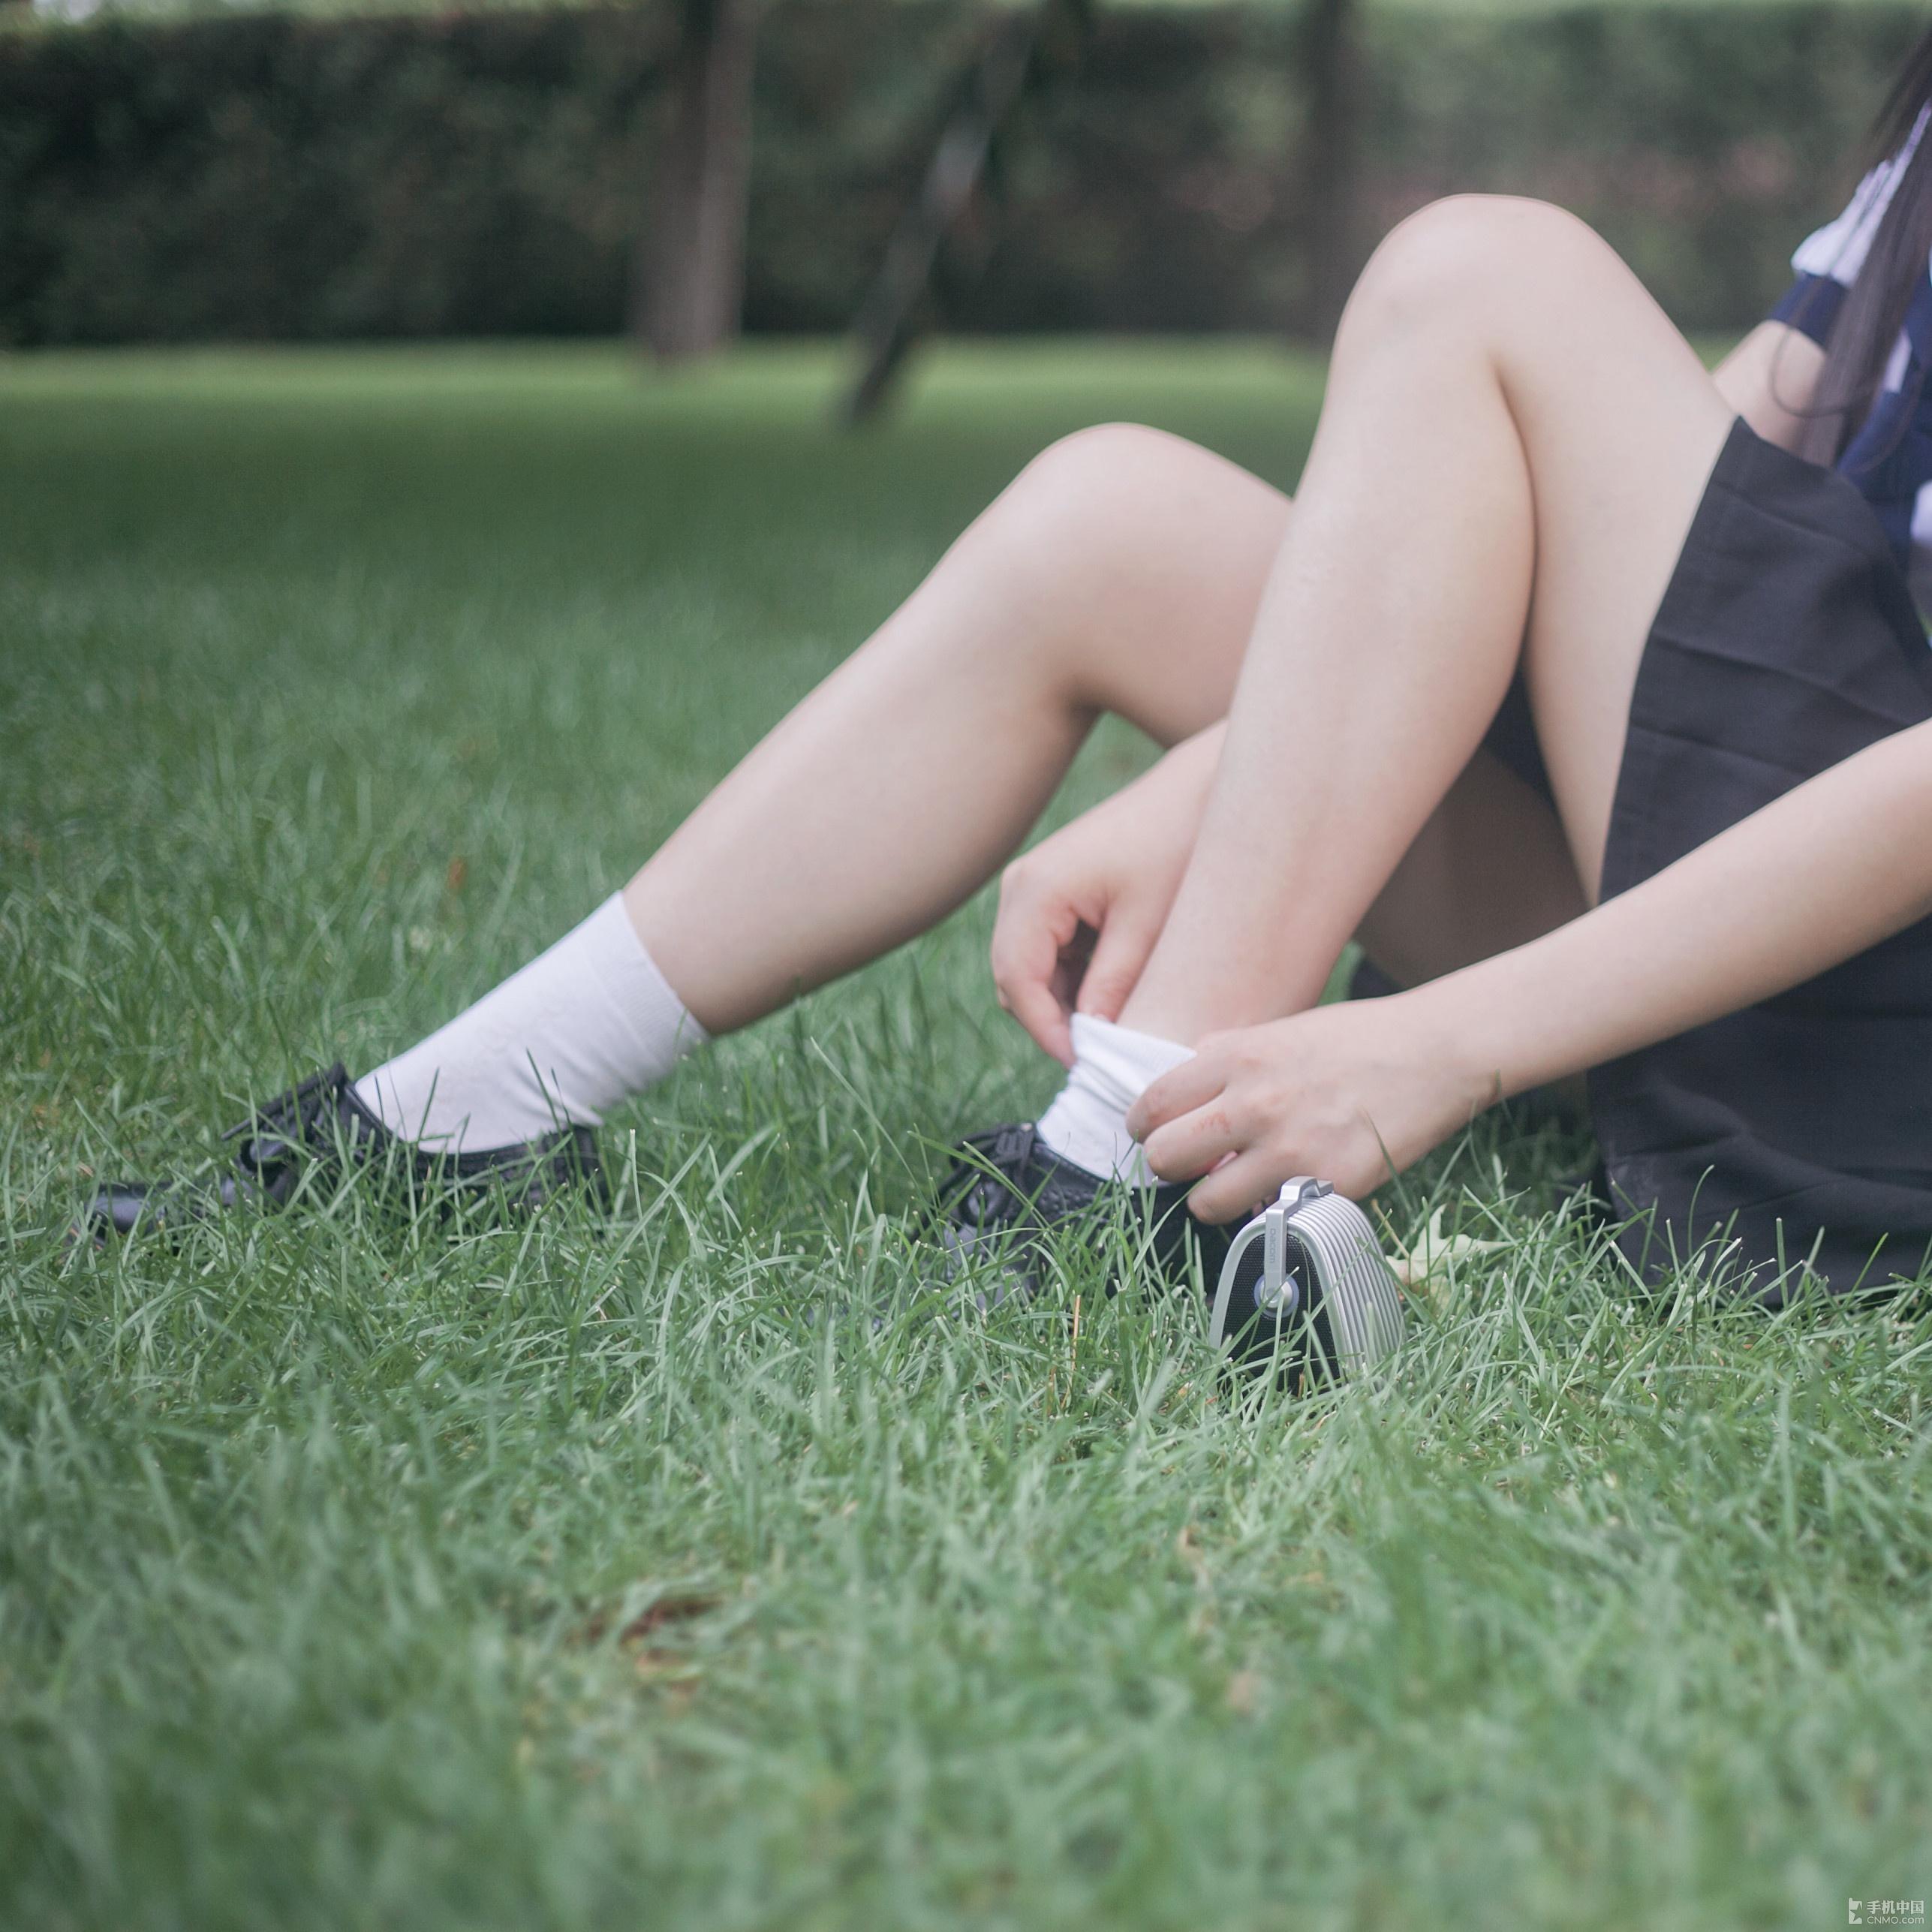 16岁少女微乳_制服少女思春期 大康bag音箱秀